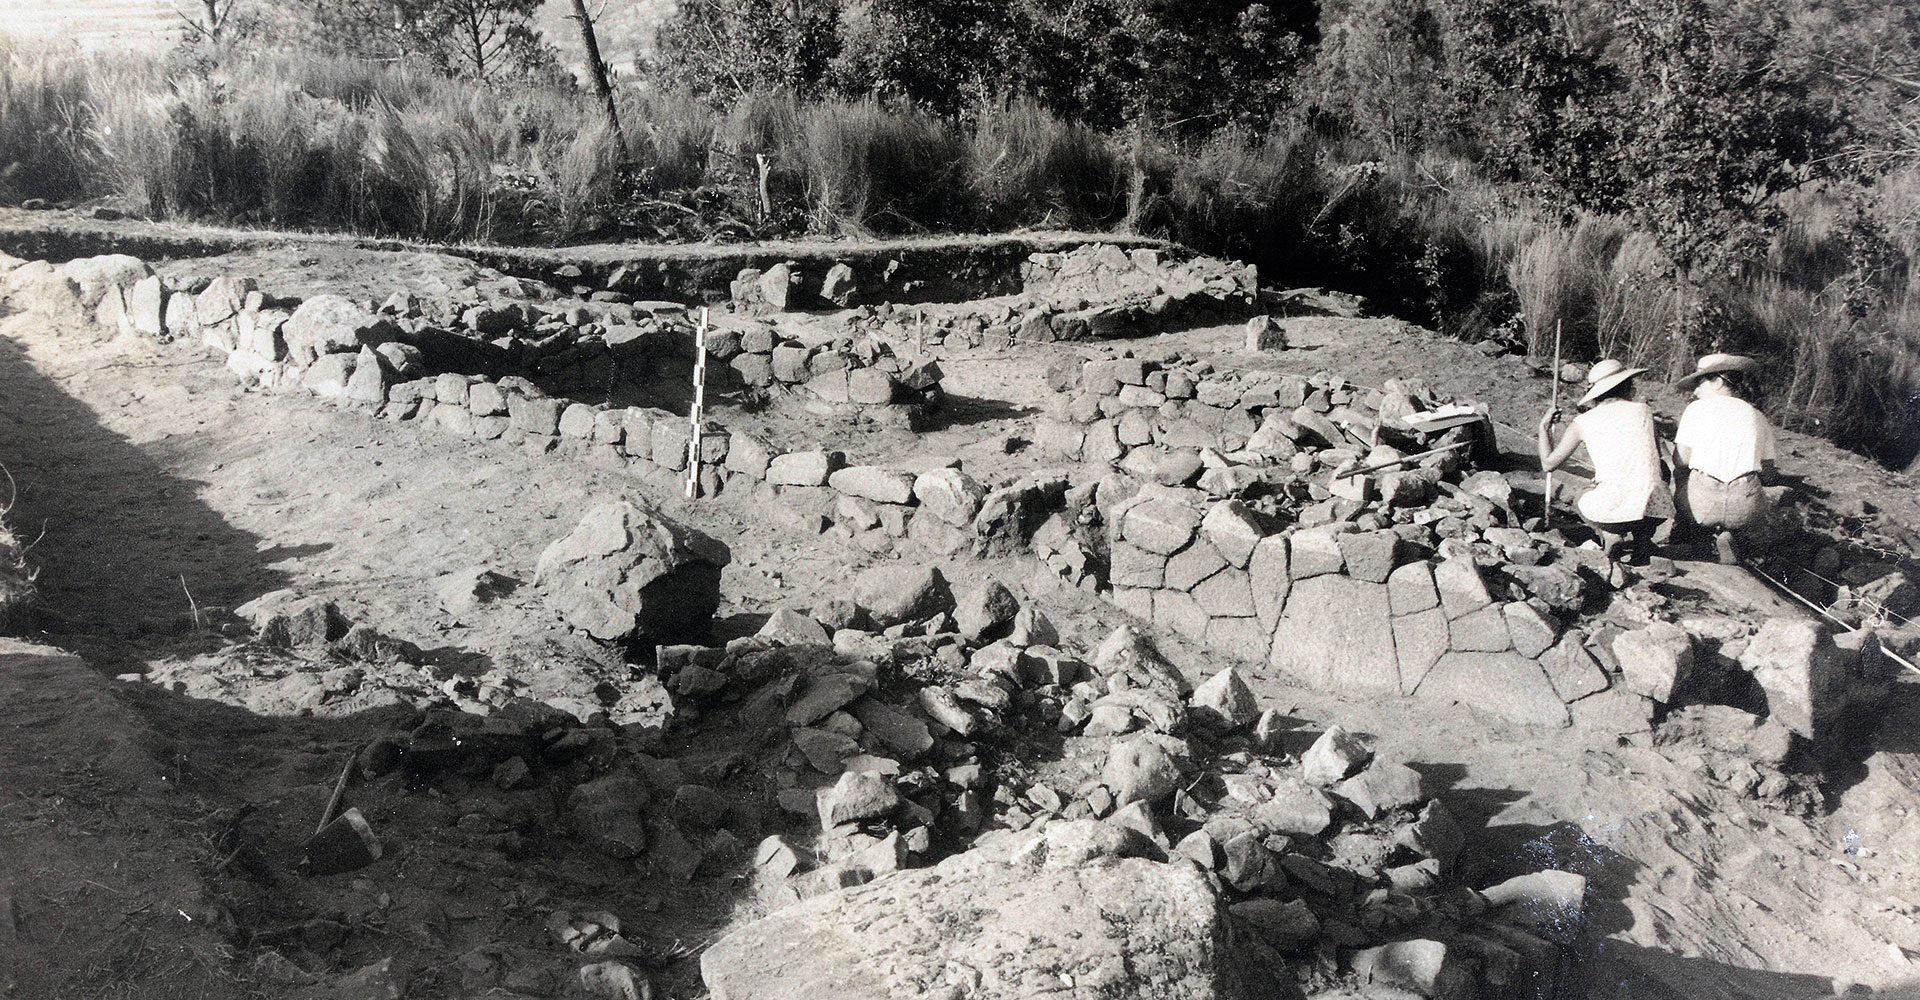 Campo archeologico di Serra da Aboboreira